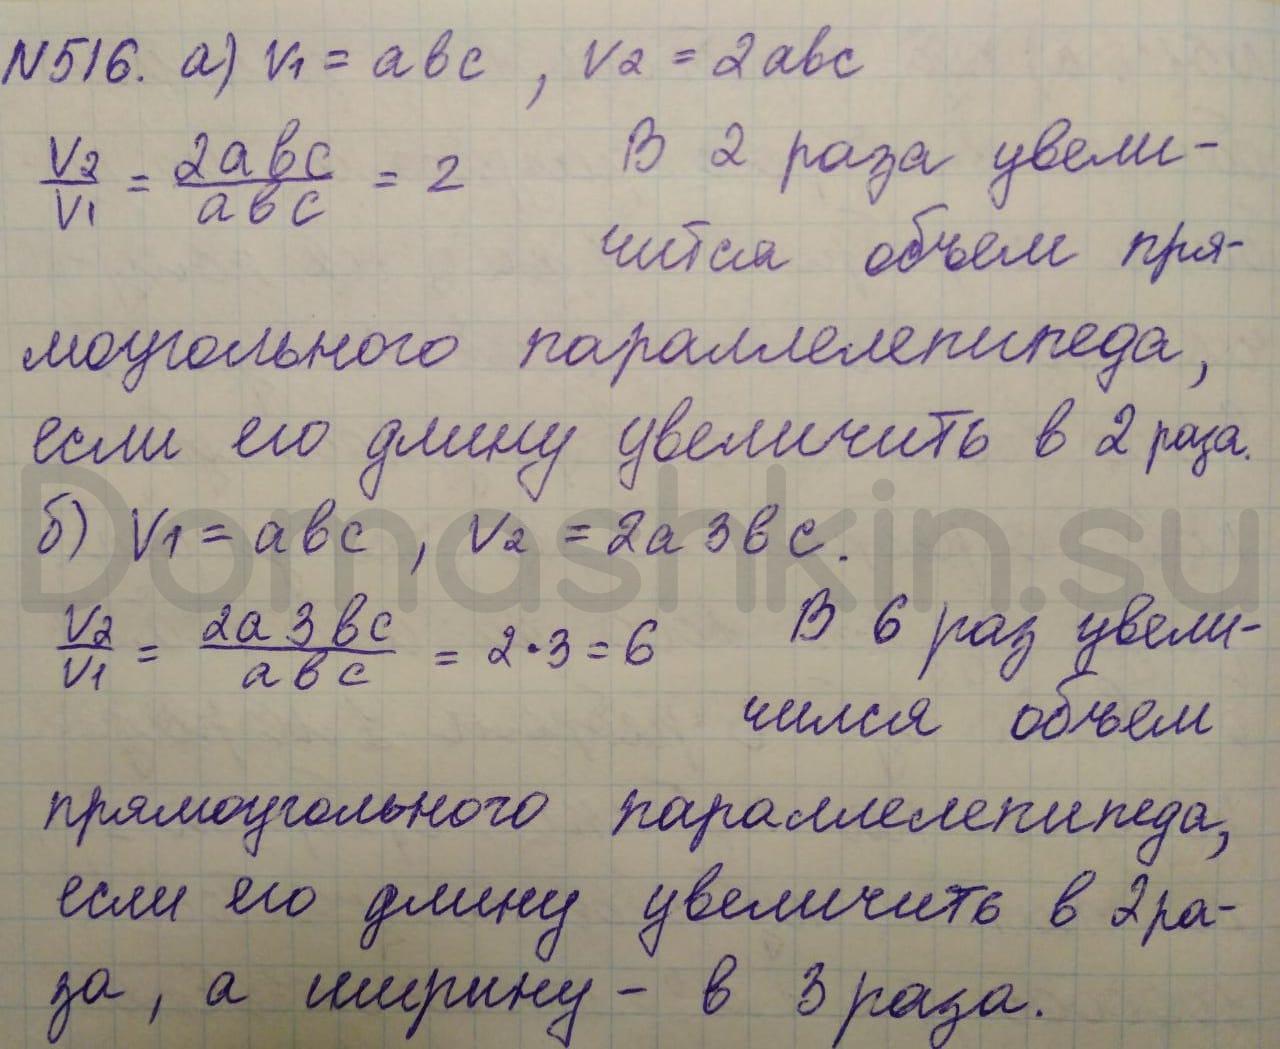 Математика 5 класс учебник Никольский номер 516 решение